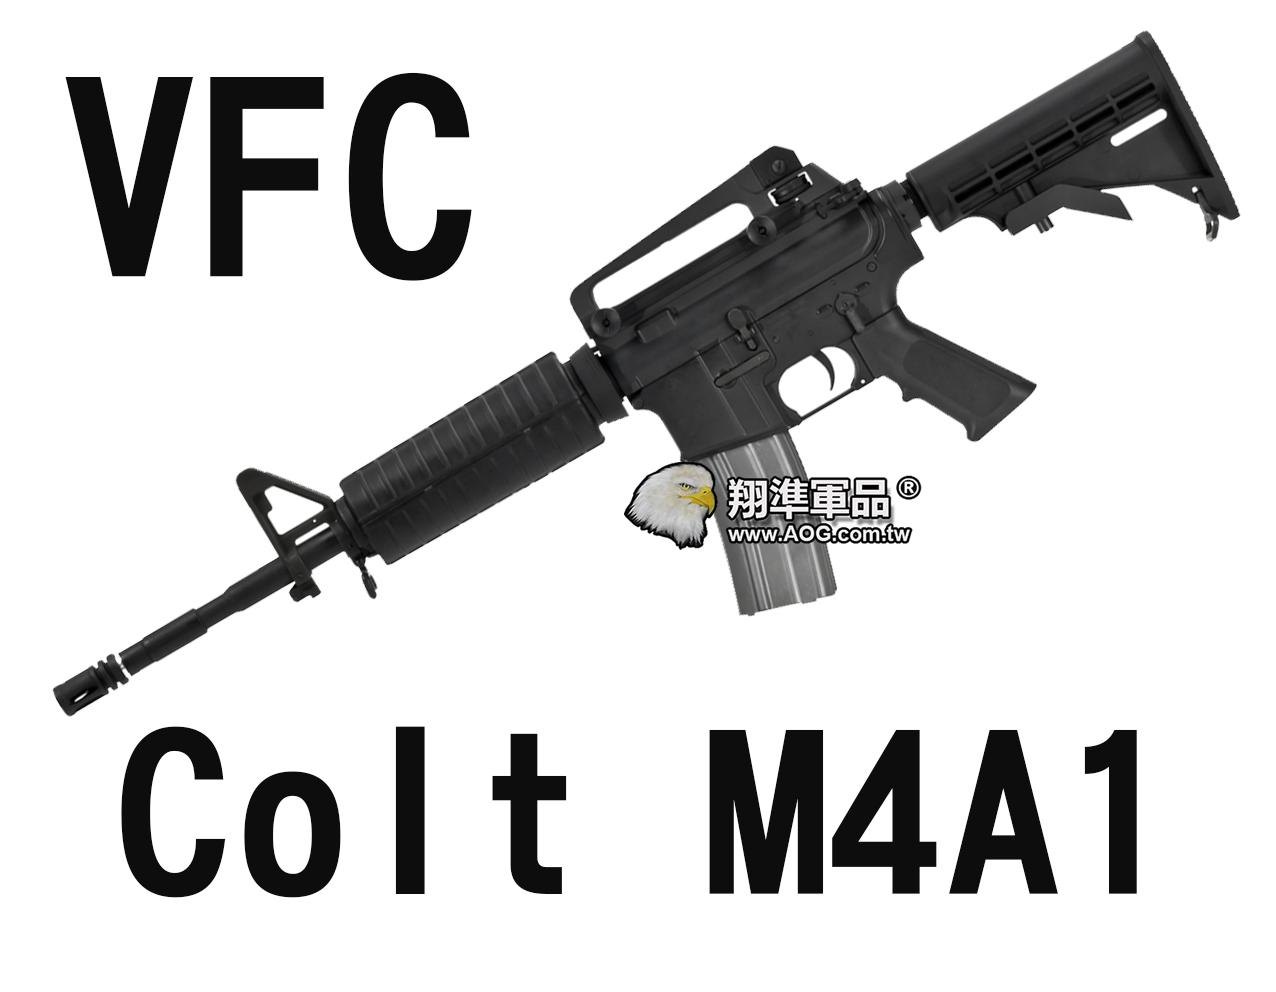 【翔準軍品AOG】【VFC】Colt M4A1 伸縮托 M4A1 卡賓槍 電動槍 黑色 VF1-LM4STD-BK01